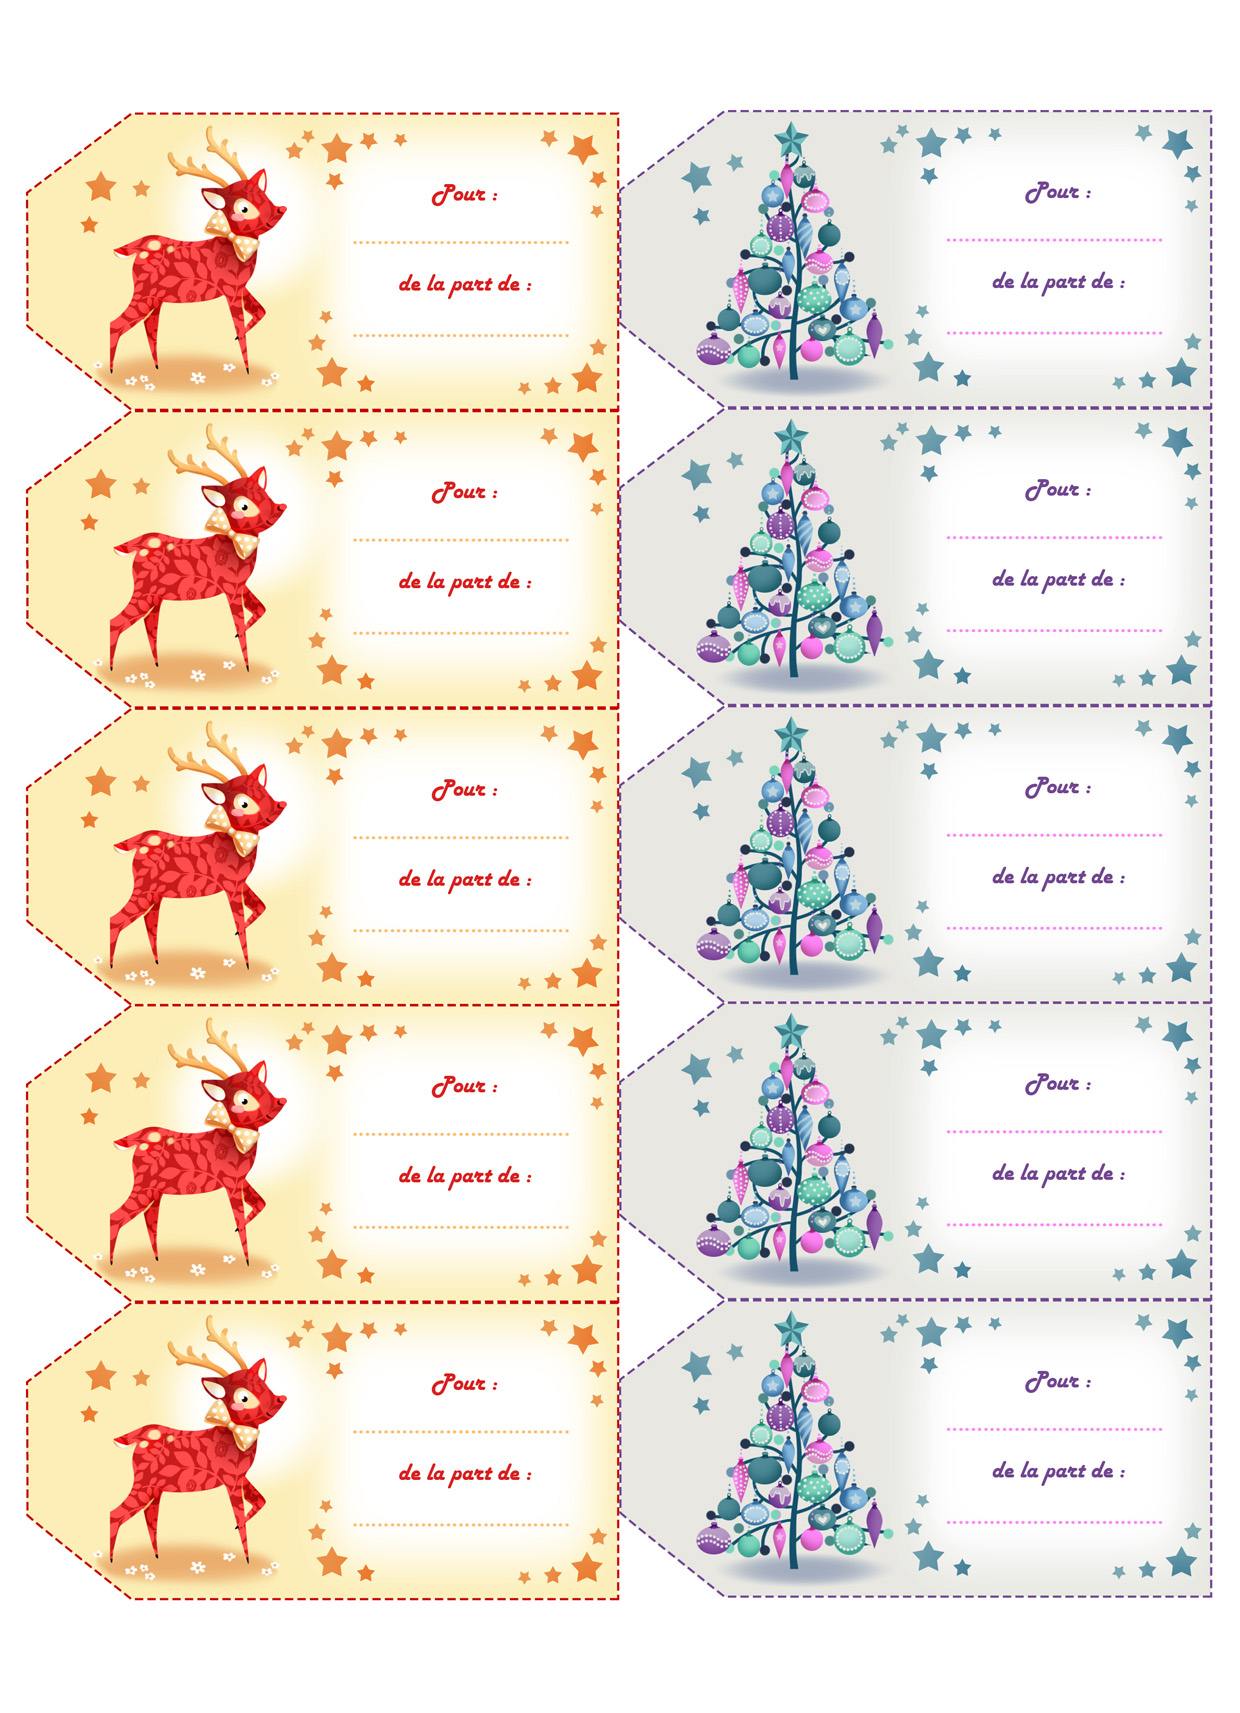 Fabuleux ASTUCE*° Des étiquettes pour vos cadeaux de Noël à imprimer  UZ32